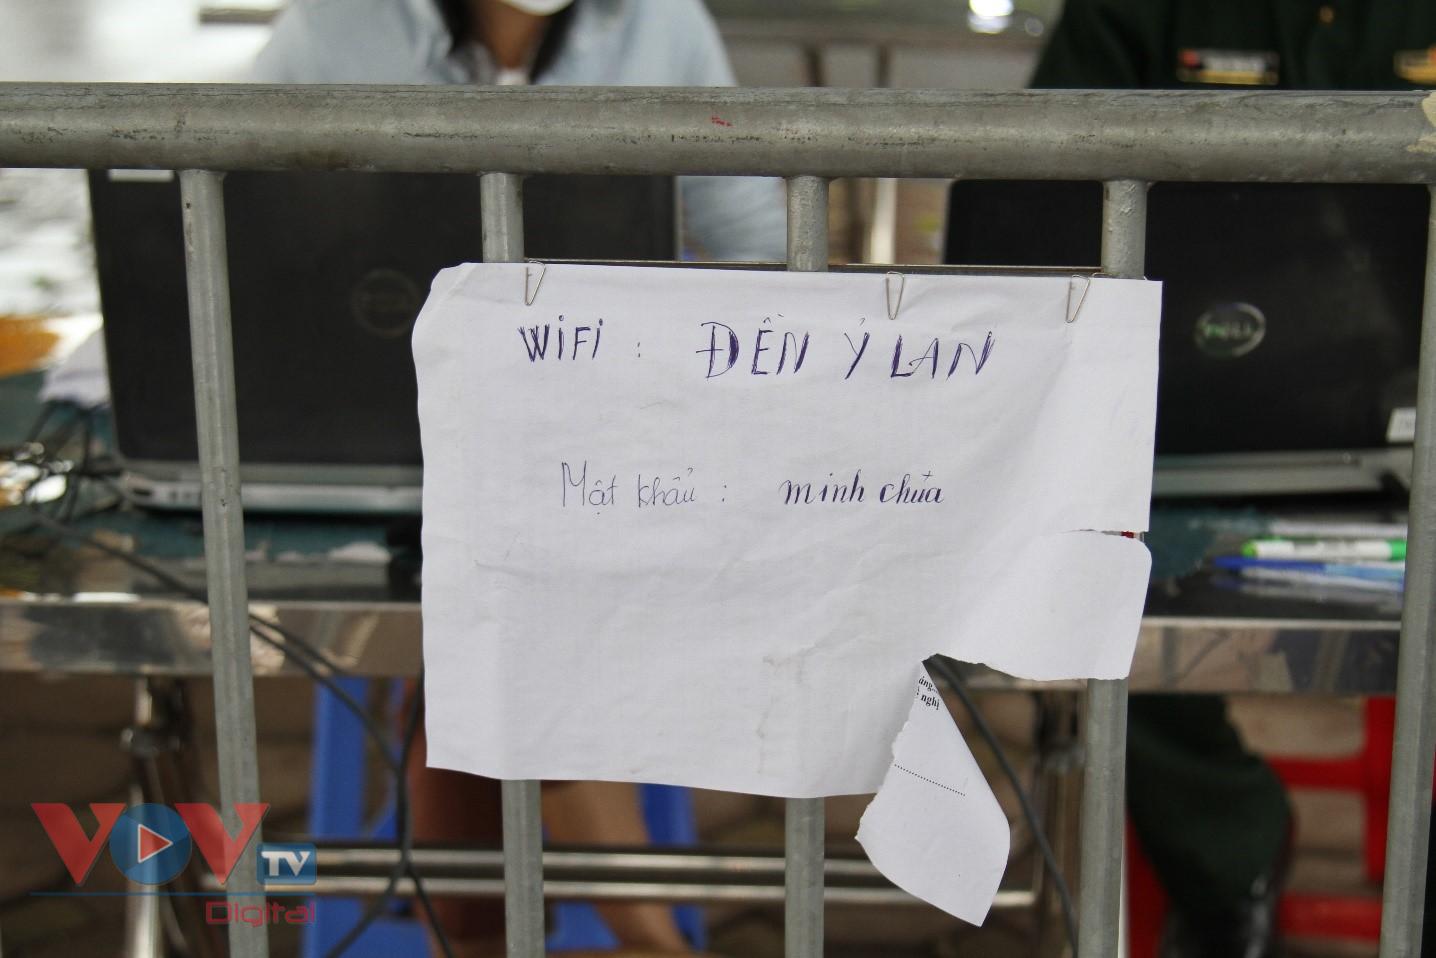 Cận cảnh camera tự động quét QR code tại chốt kiểm soát ra vào Thủ đô - Ảnh 12.